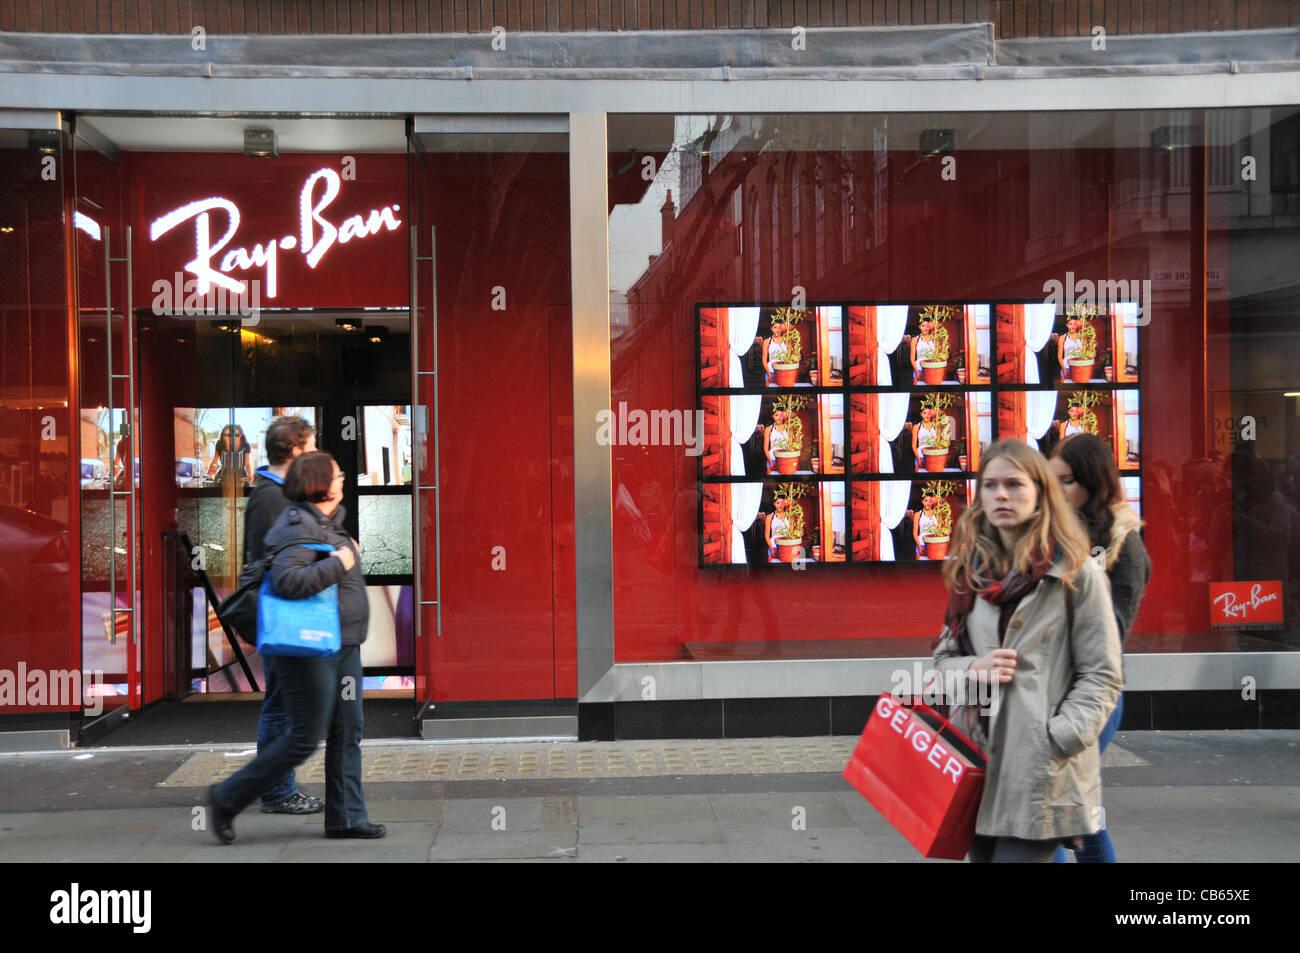 ray ban shopping  Ray Bans Stock Photos \u0026 Ray Bans Stock Images - Alamy